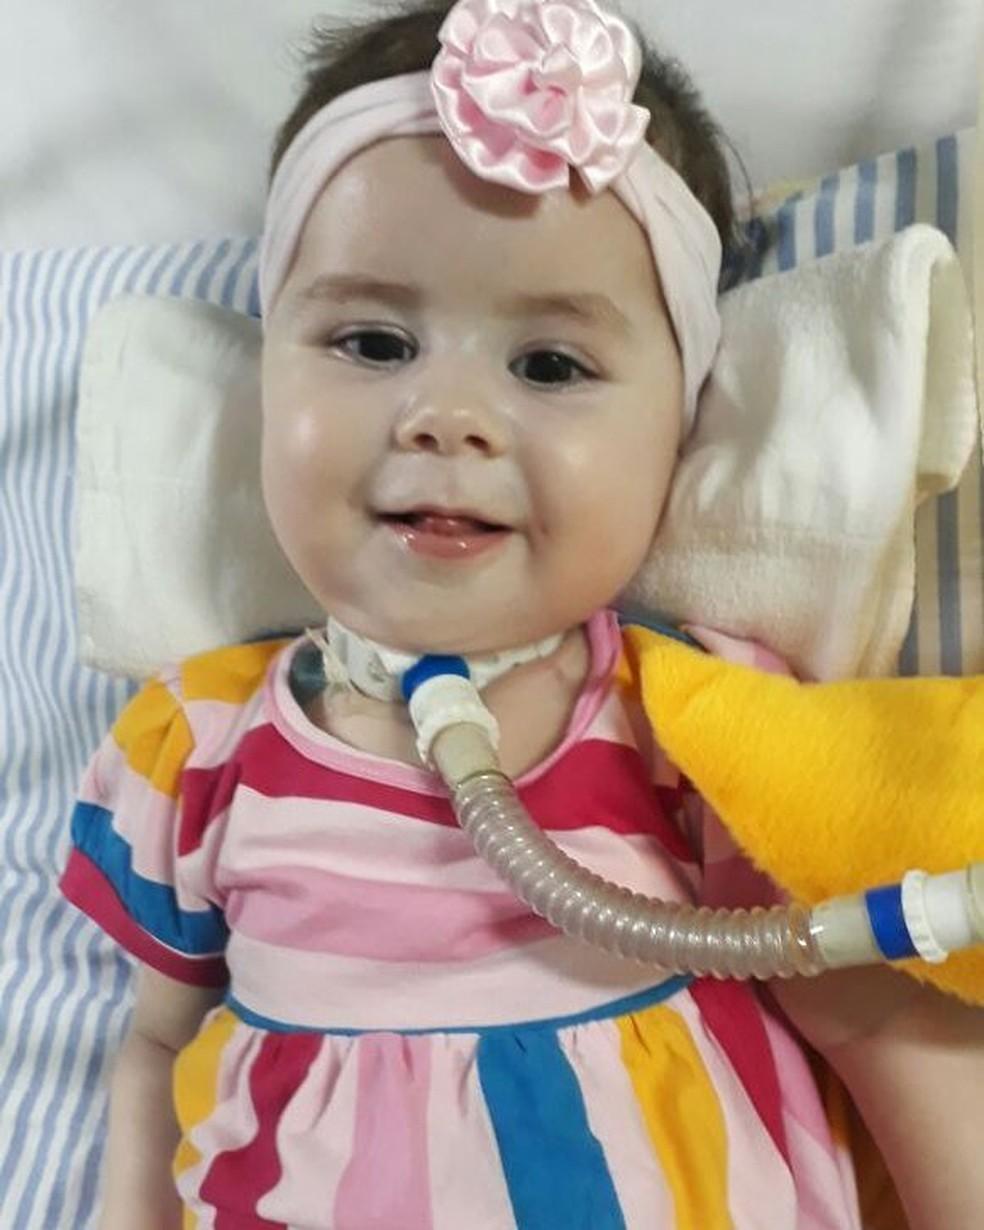 Família faz campanha para conseguir medicamento para Valentina Tomé (Foto: Reprodução/Facebook/AME Valentina Tomé)